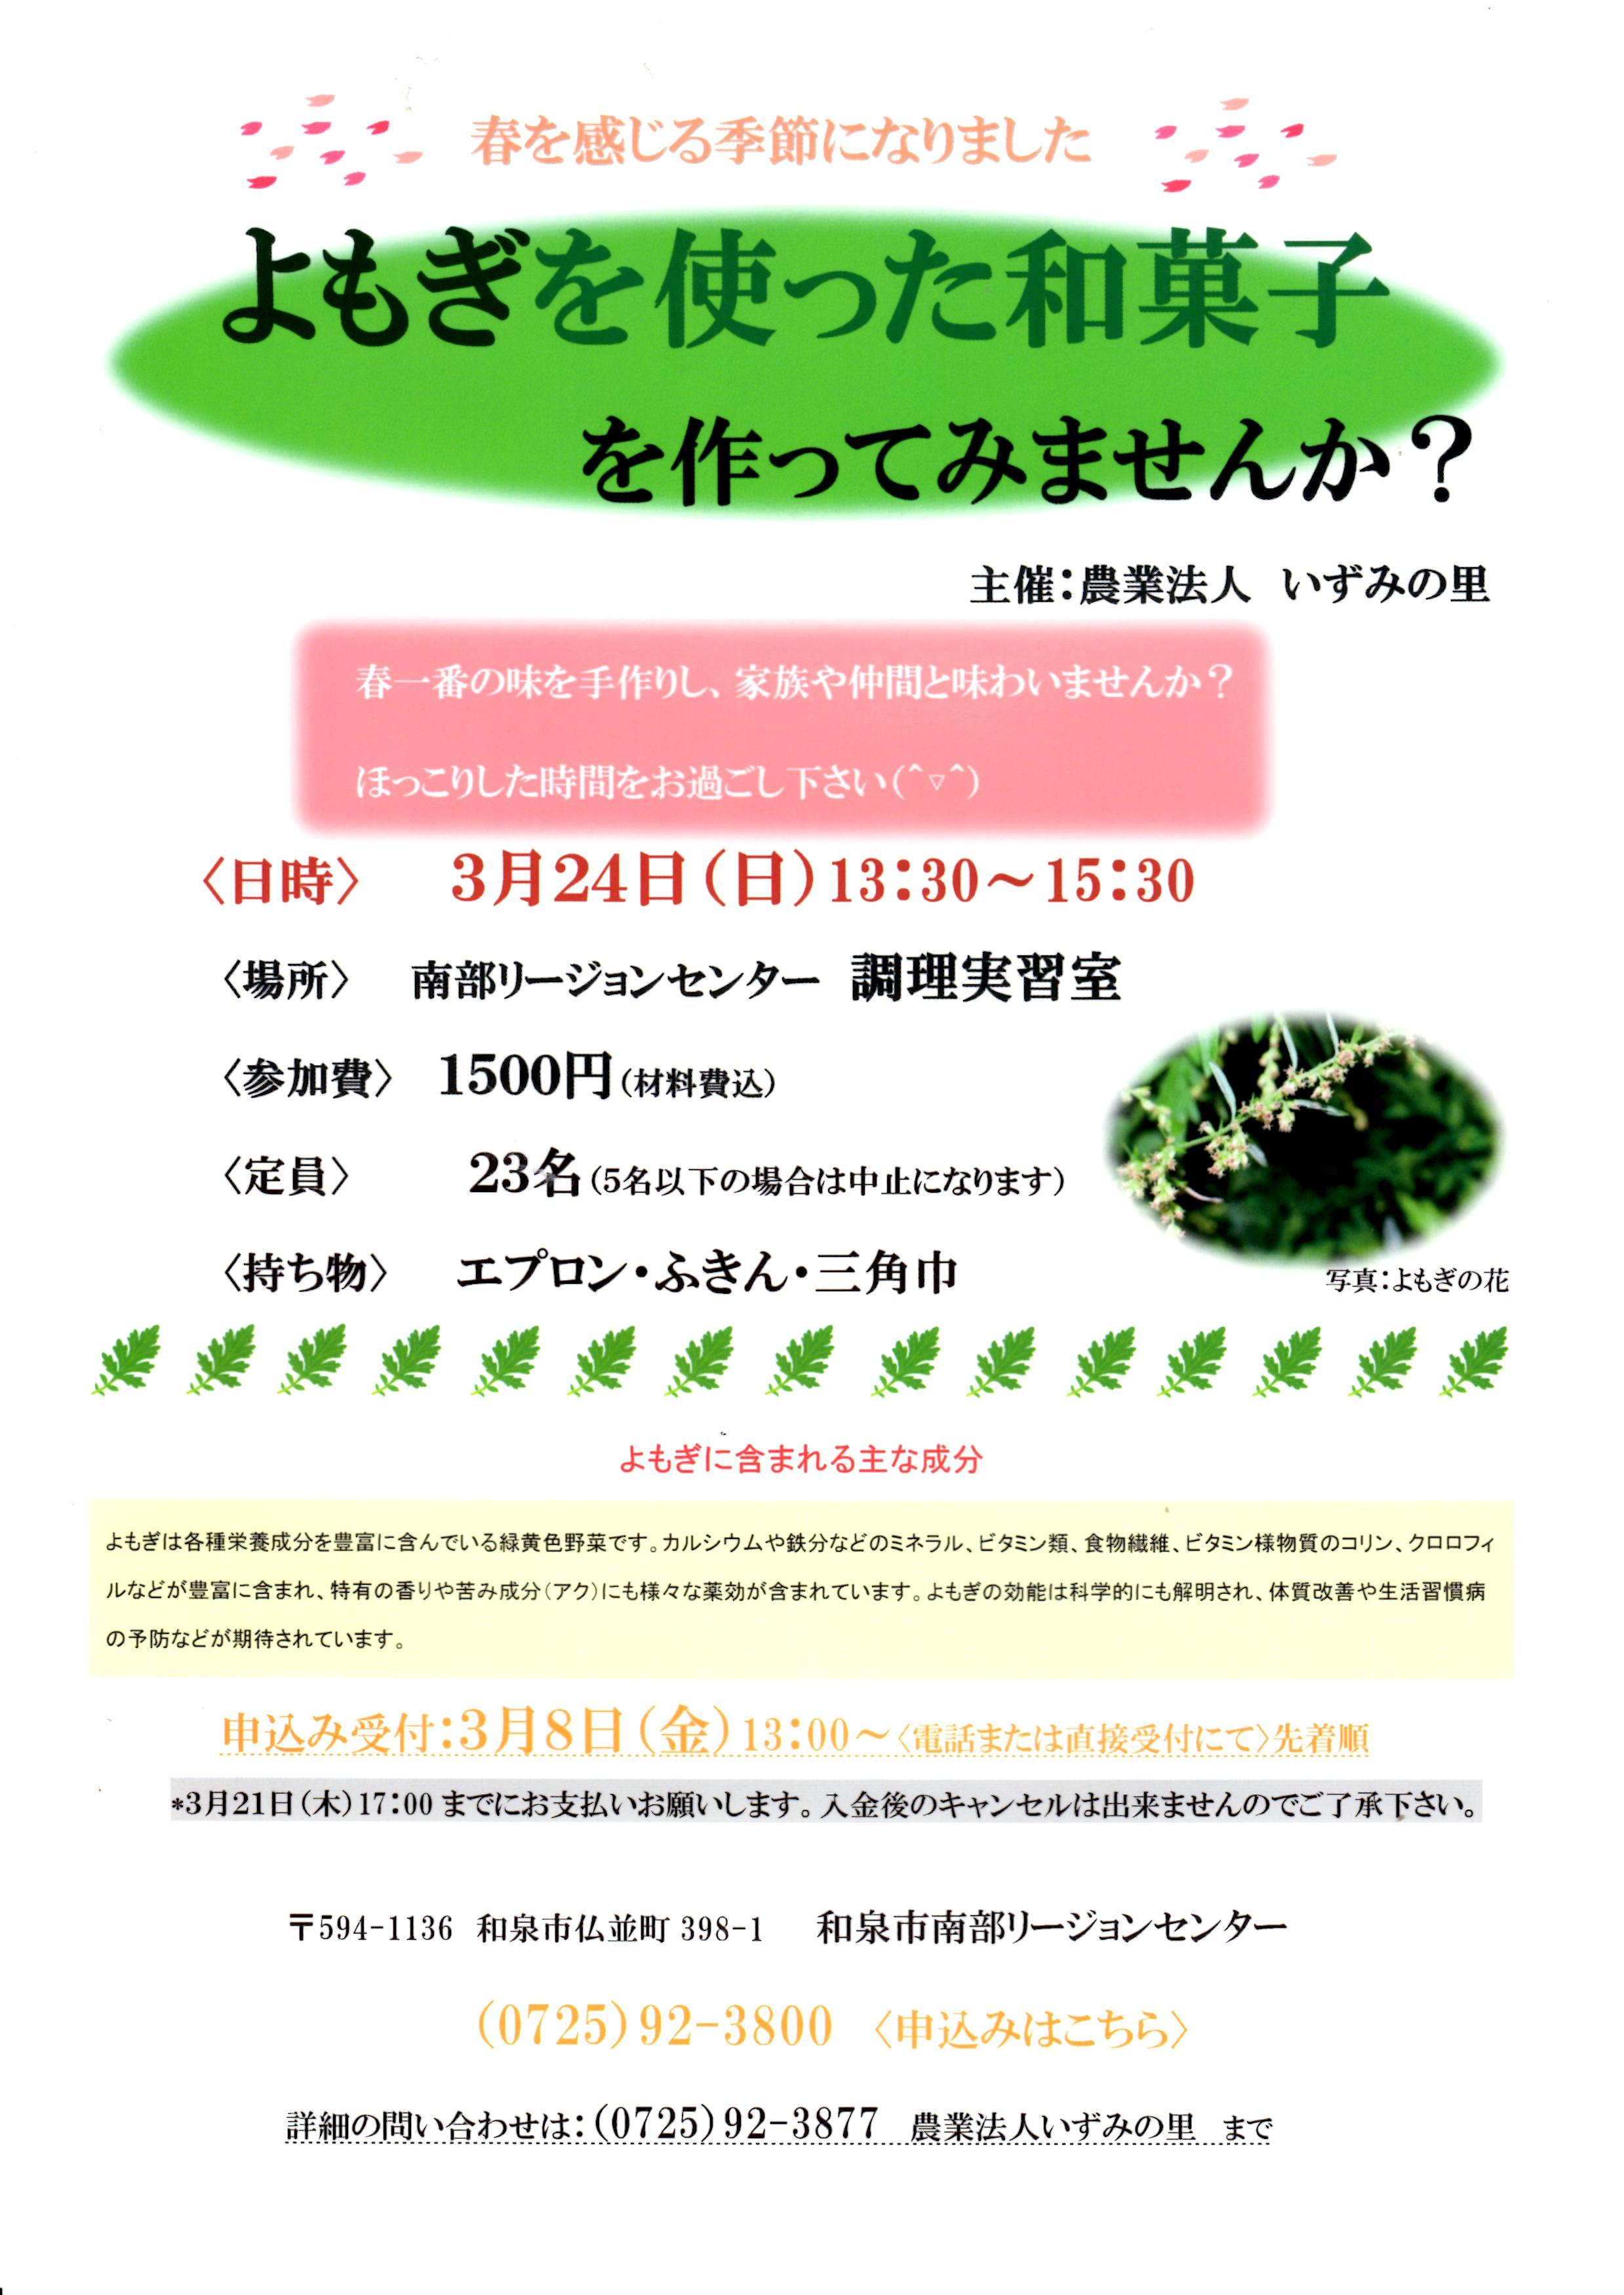 【終了】2019年3月24日(日)開催!よもぎを使った和菓子を作ってみませんか?【南部リージョンセンター】